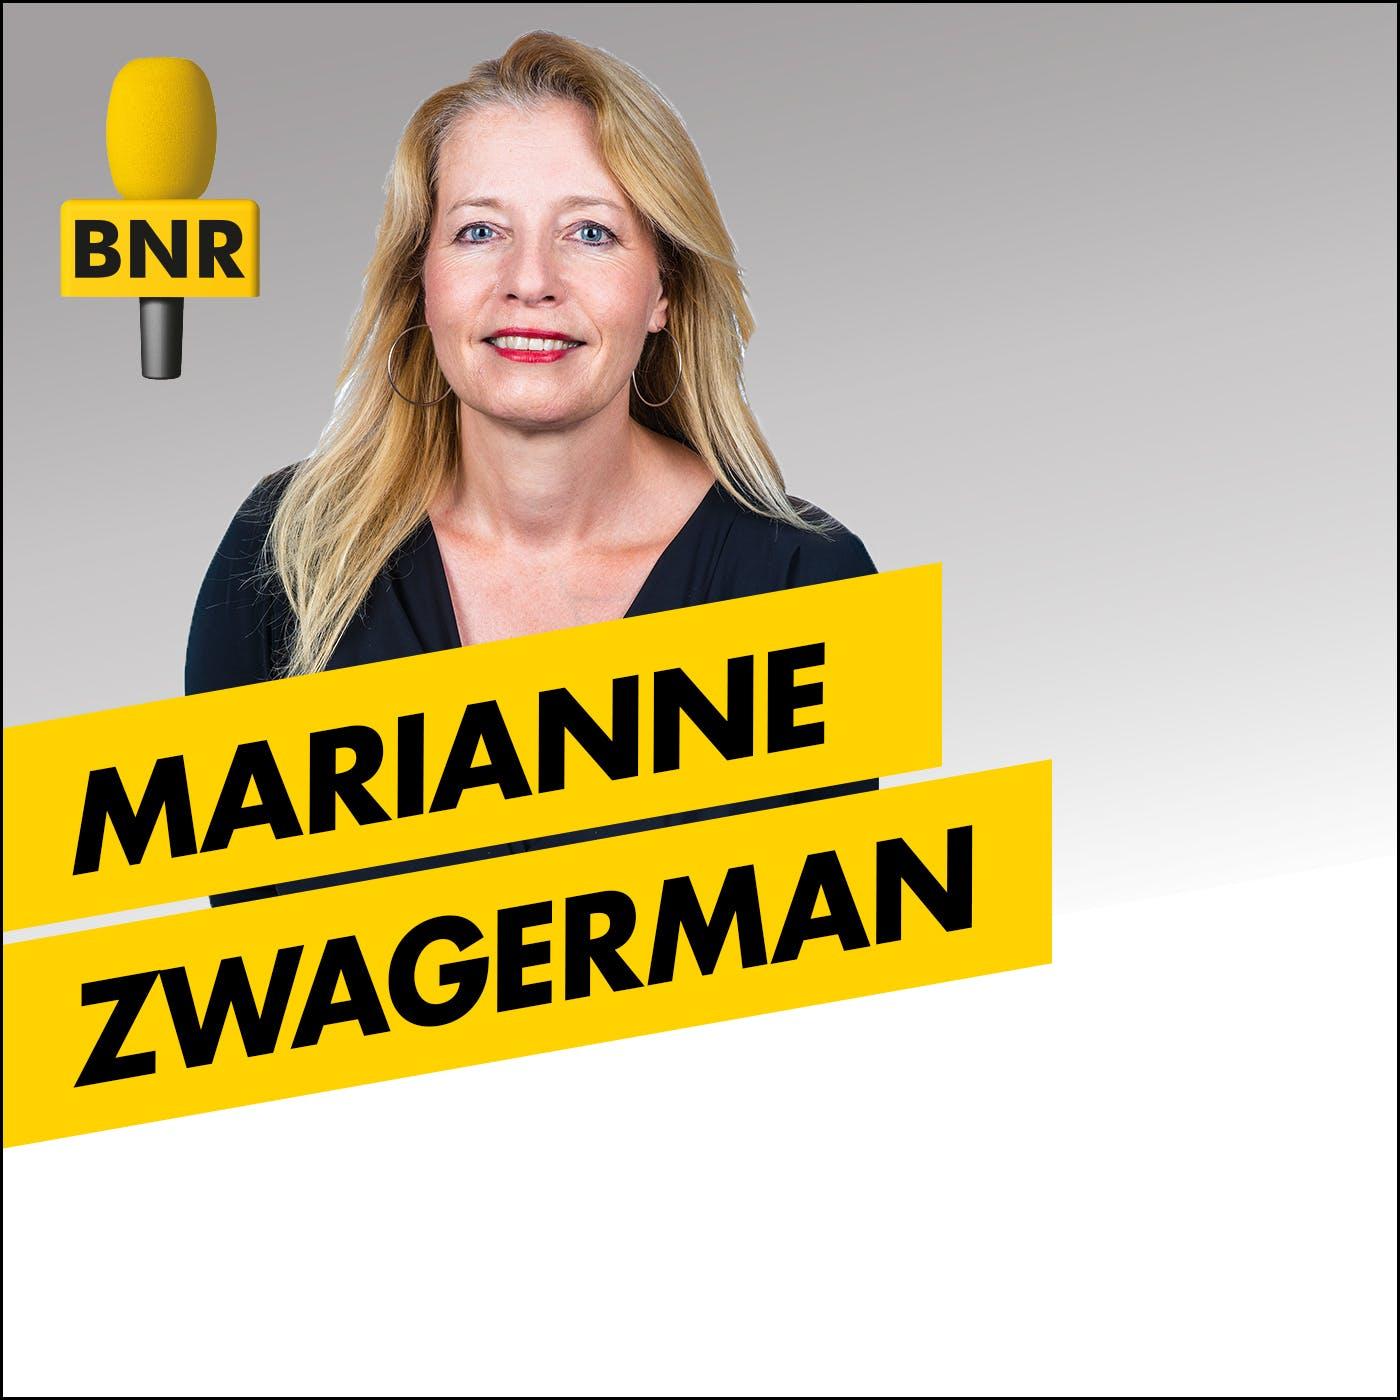 Marianne Zwagerman | BNR logo